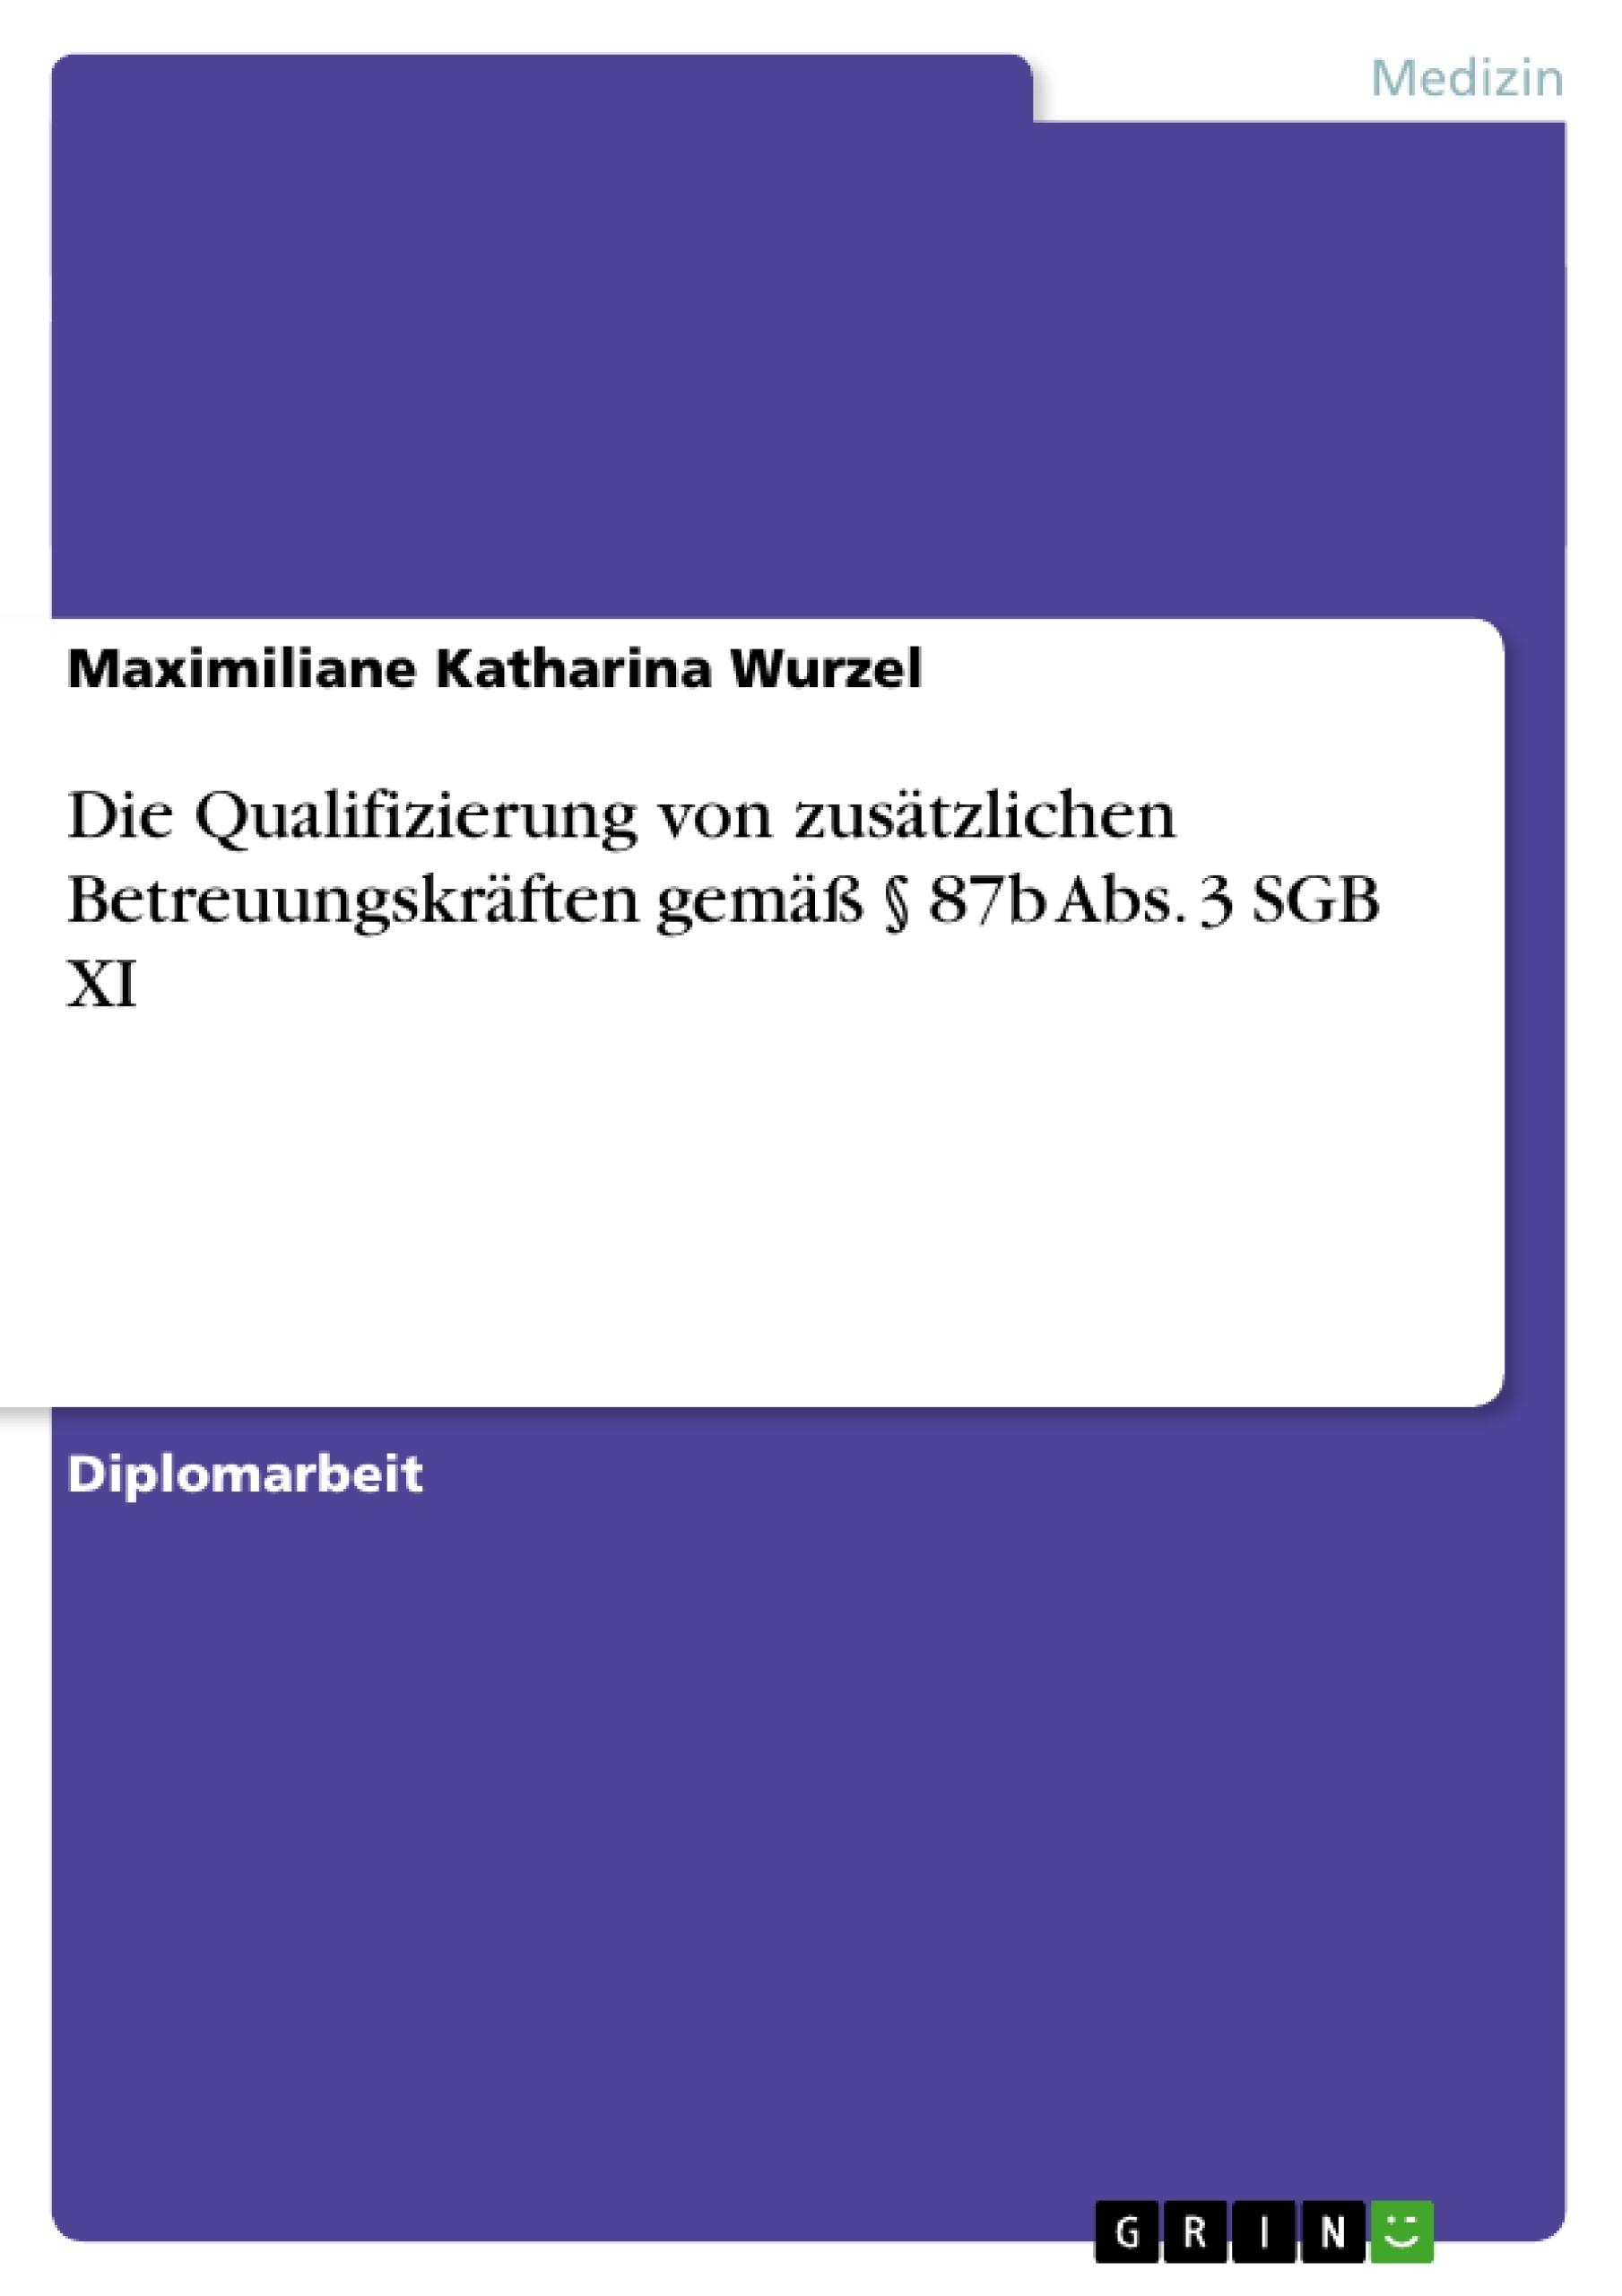 Titel: Die Qualifizierung  von zusätzlichen Betreuungskräften gemäß § 87b Abs. 3 SGB XI